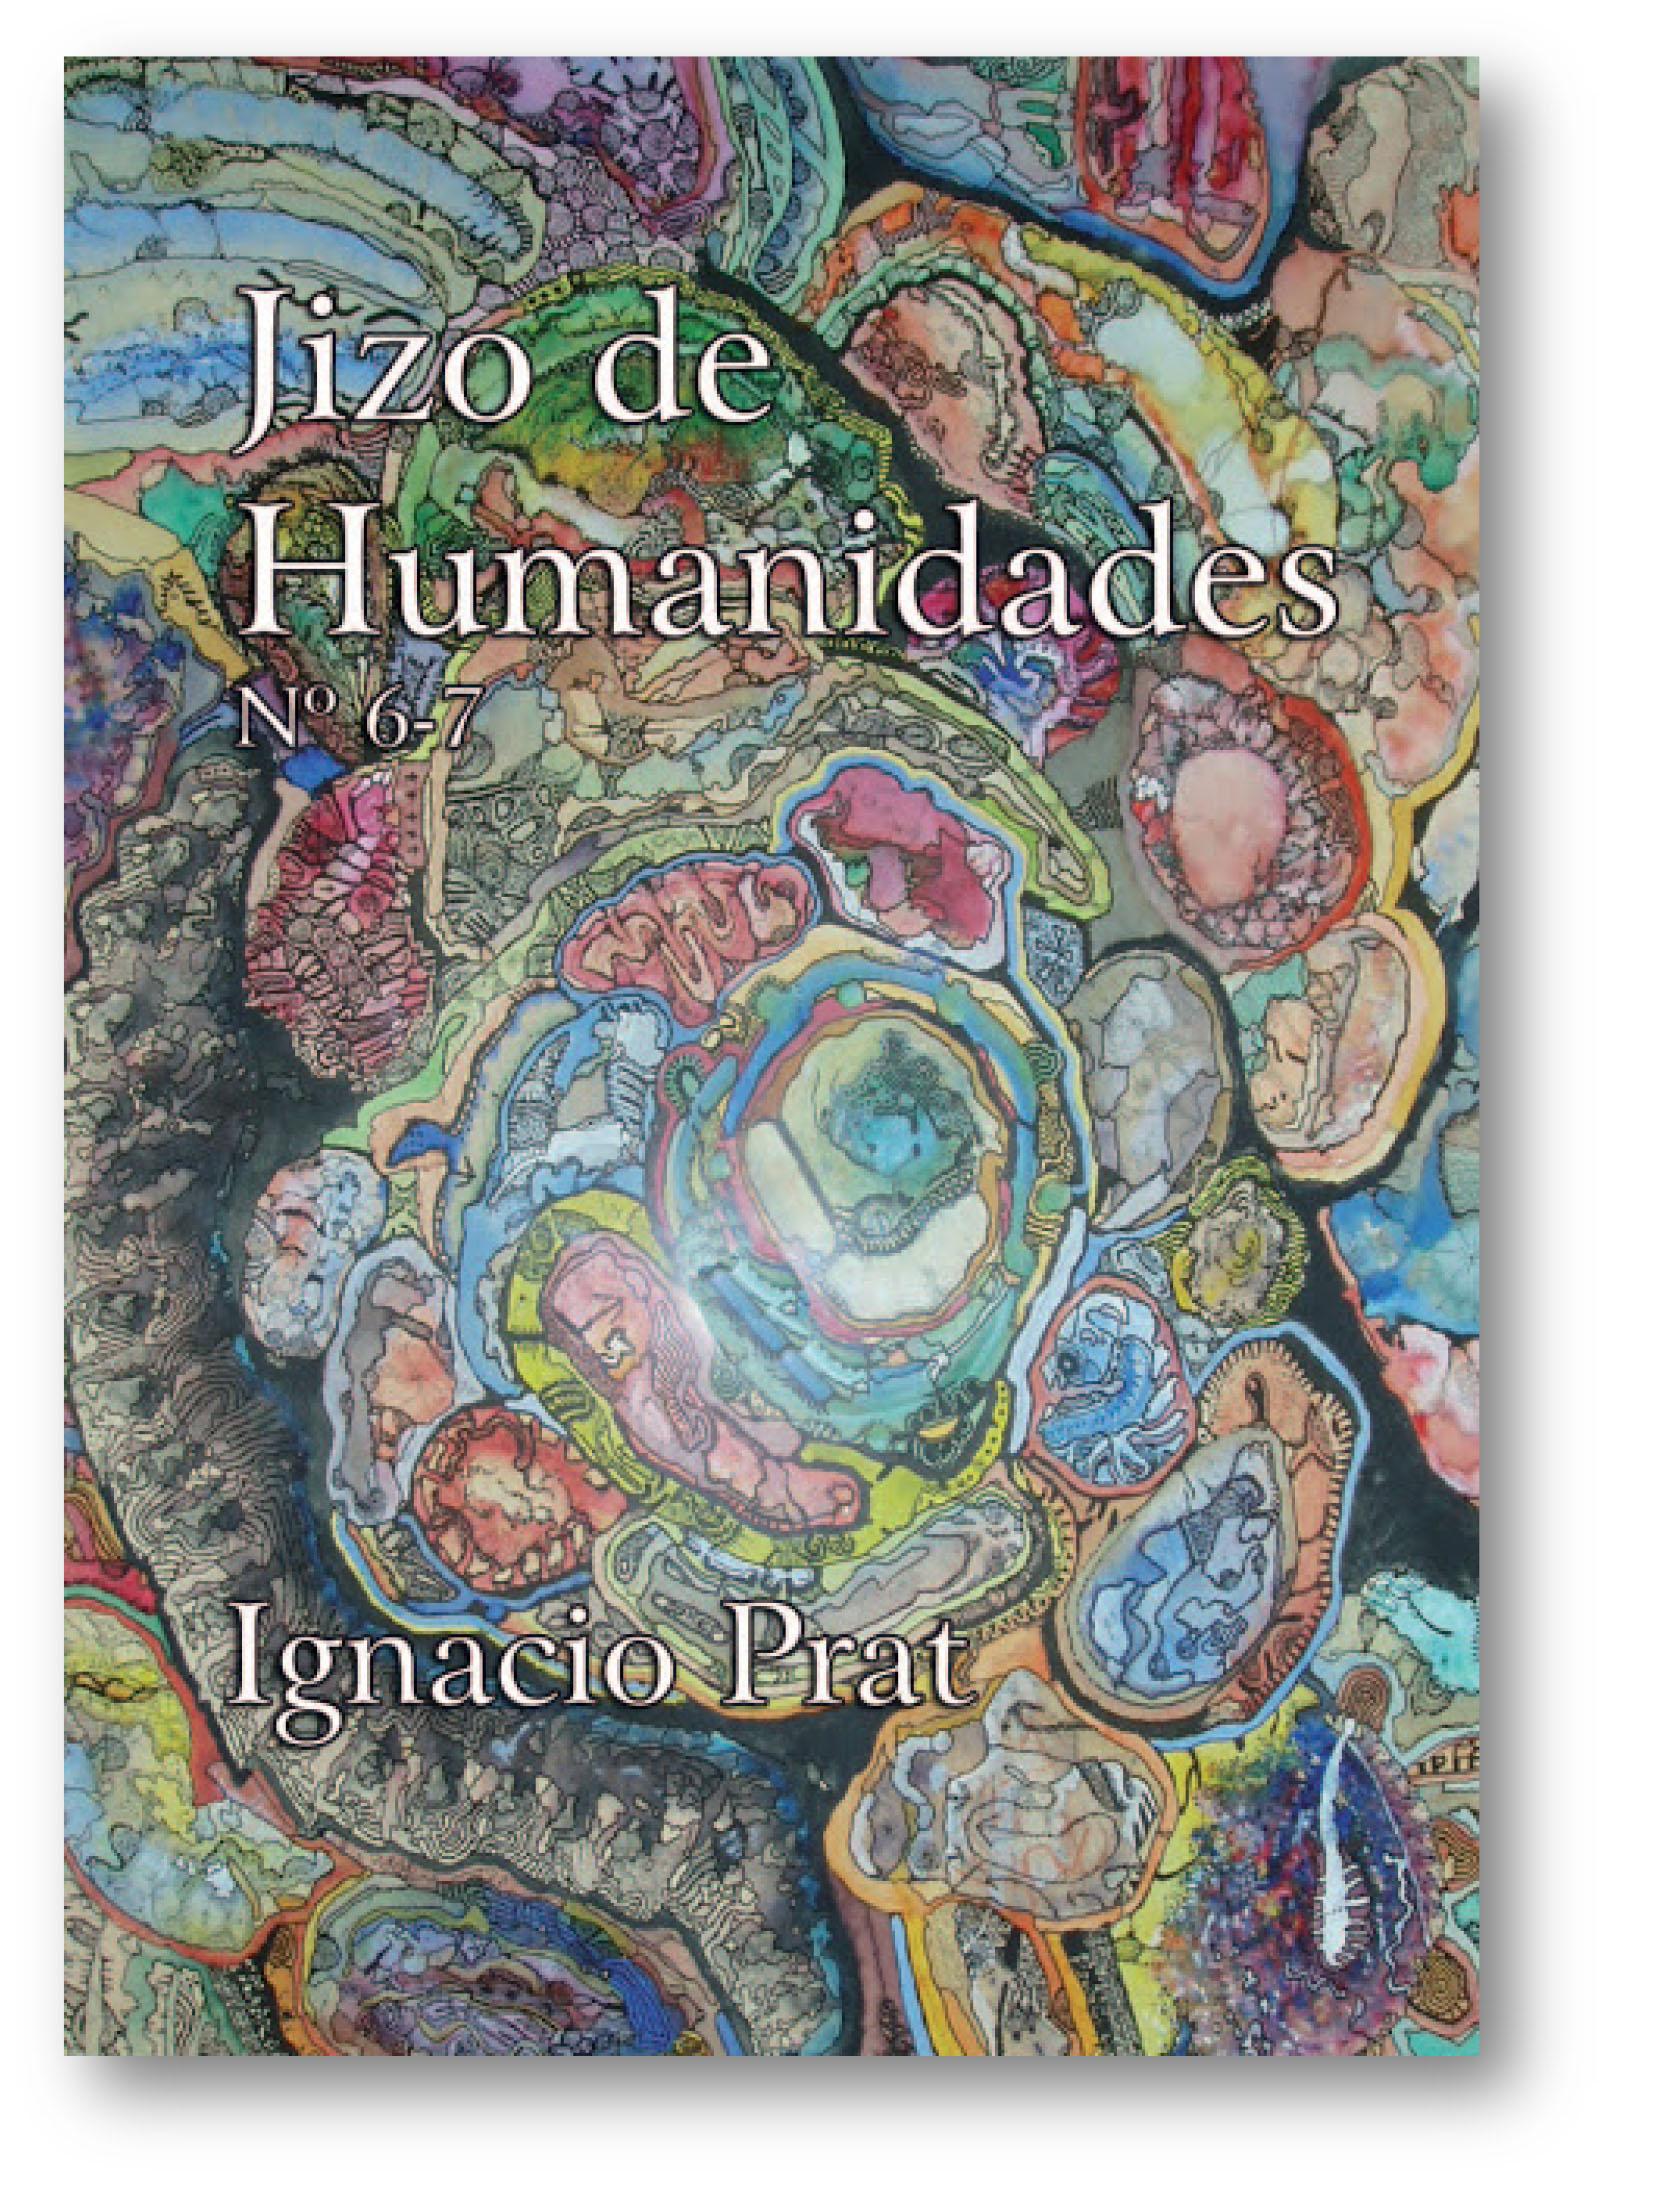 Jizo de humanidades 6-7, dedicado a Ignacio Prat